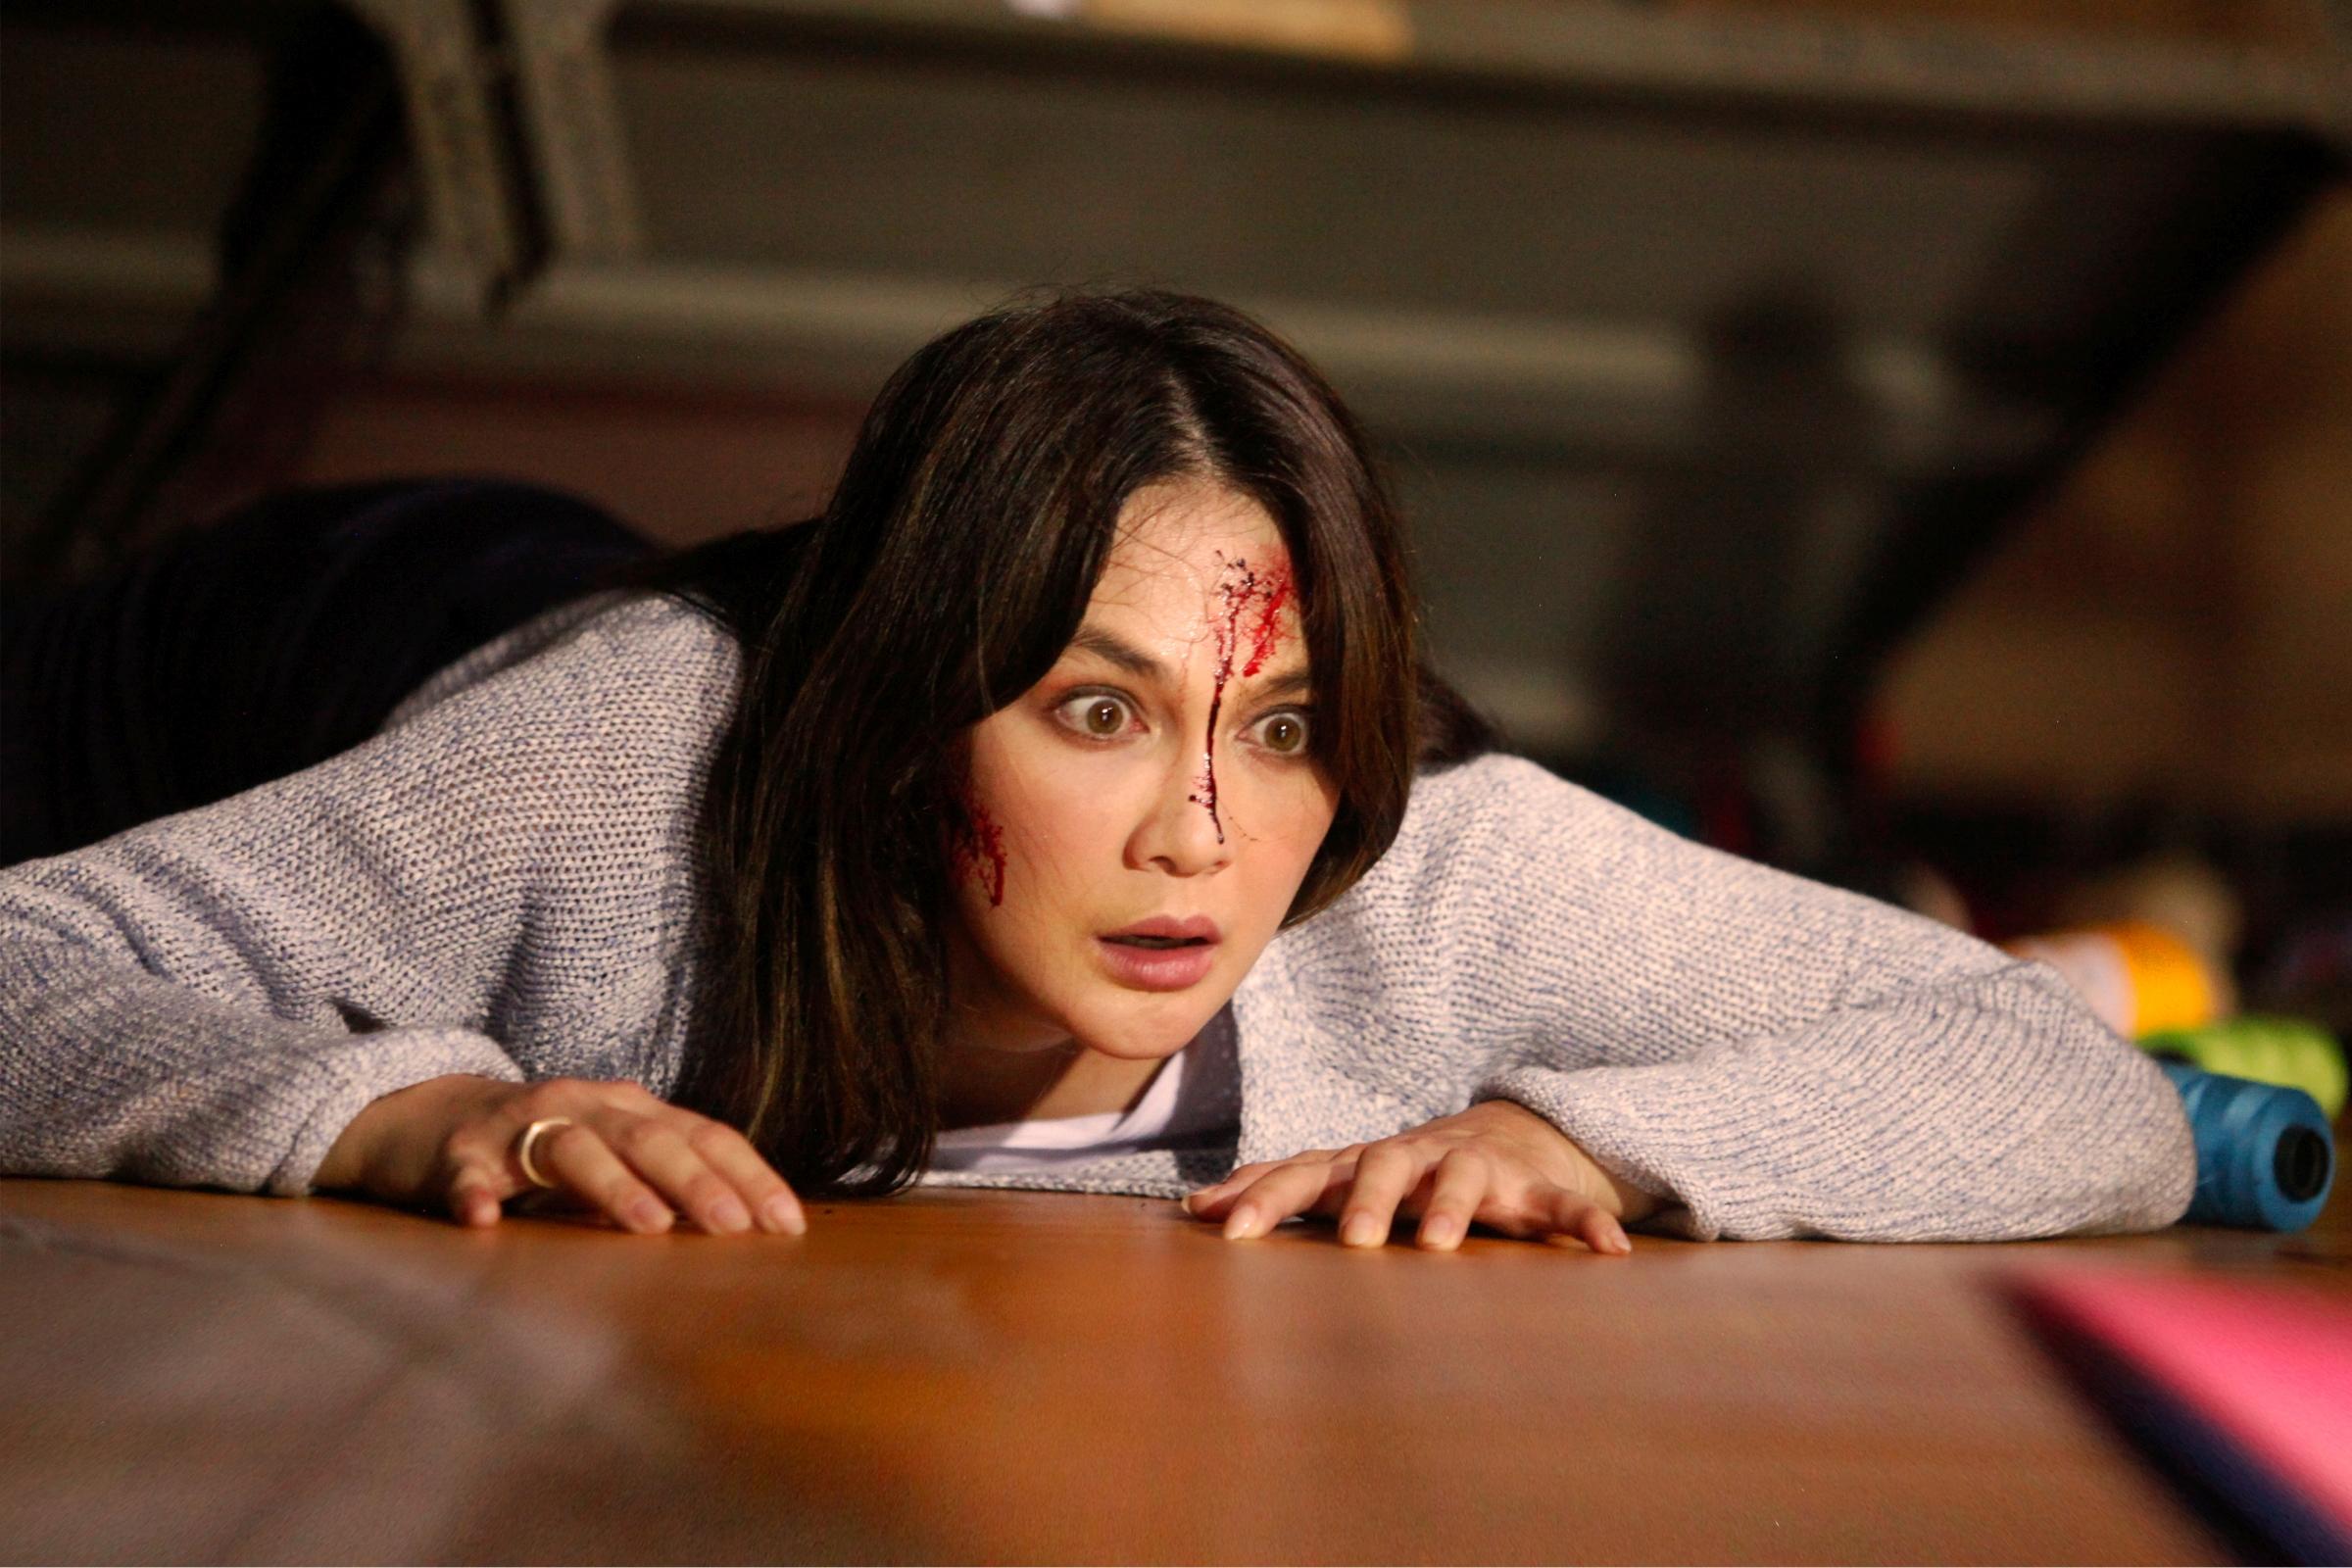 Sabrina: una scena carica di tensione